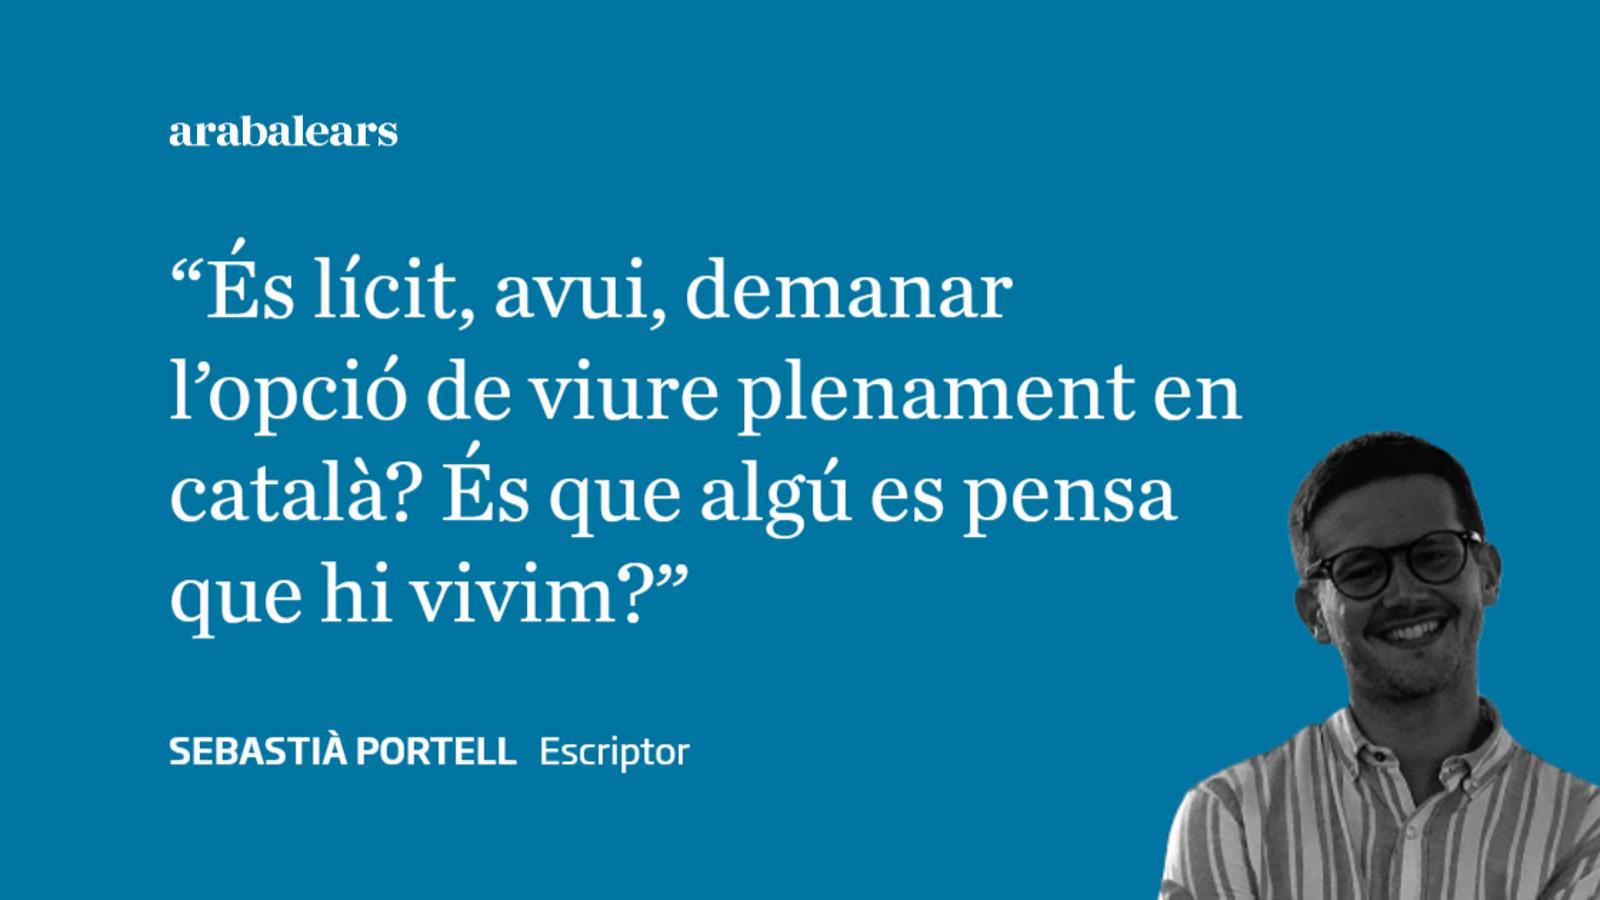 Volem viure plenament en català